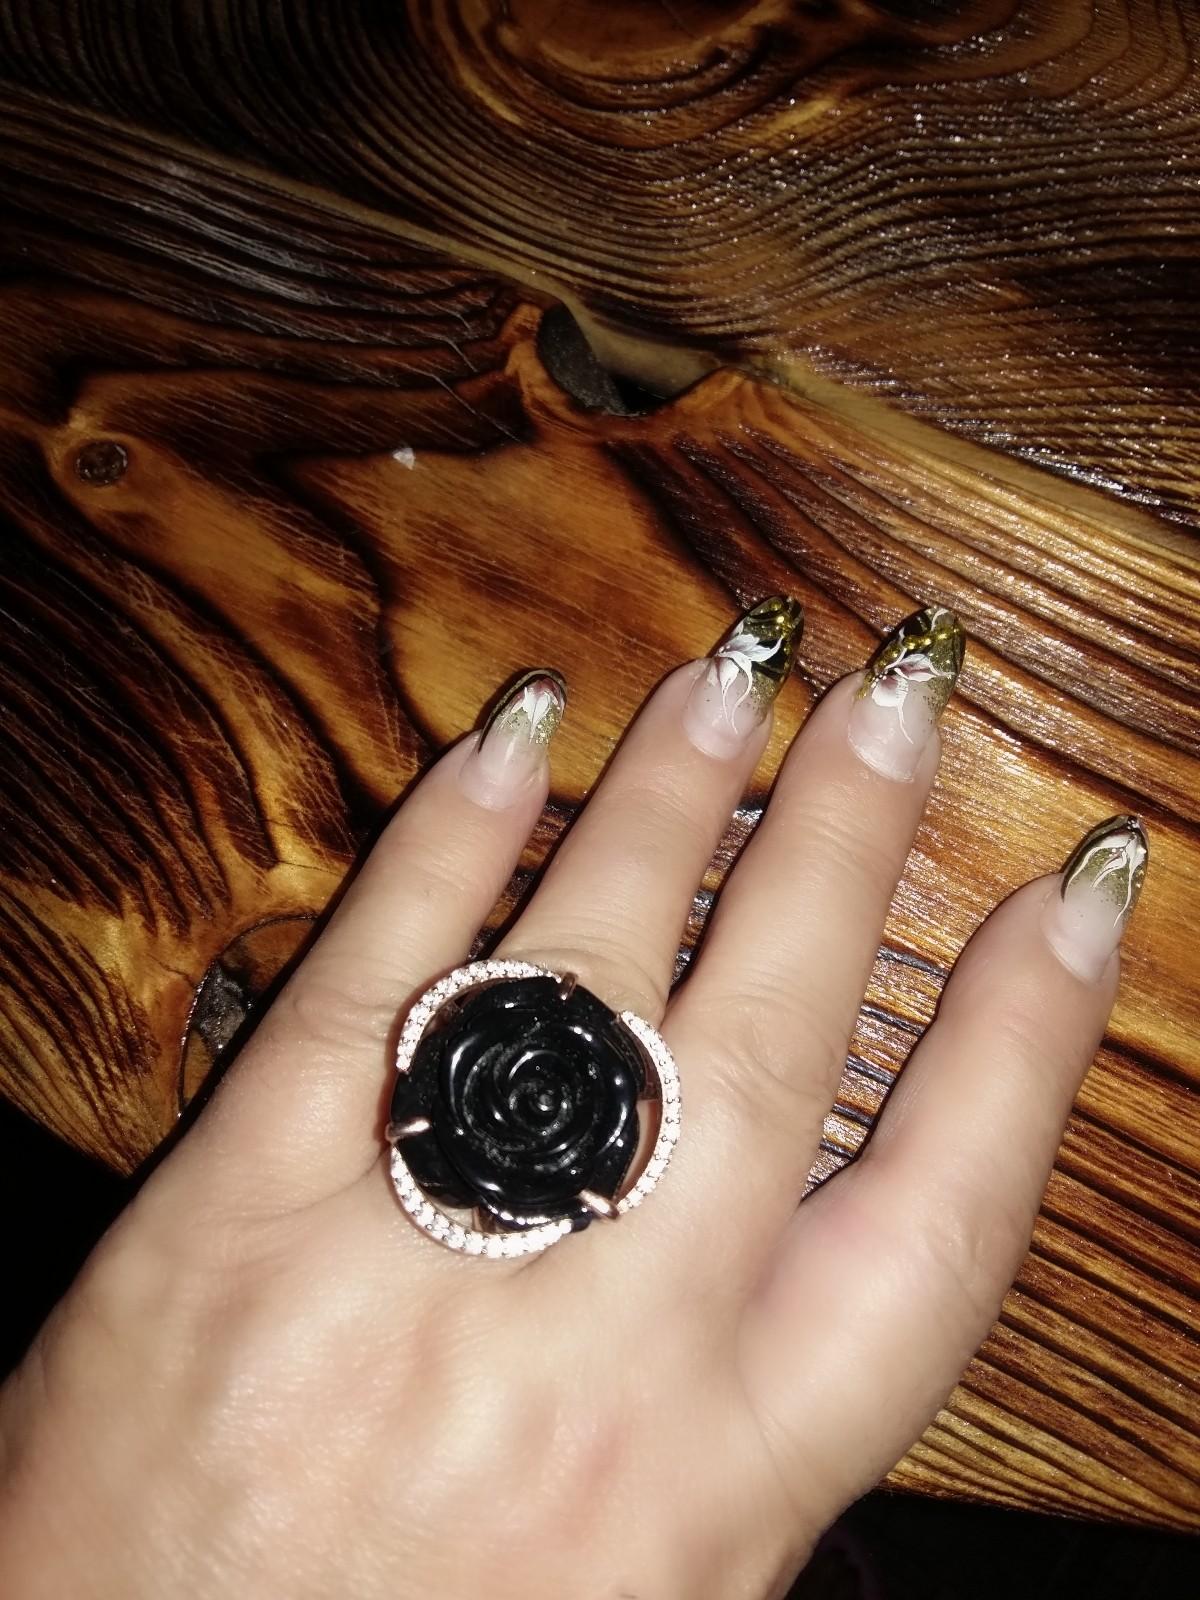 Кольцо красивое,большое!))